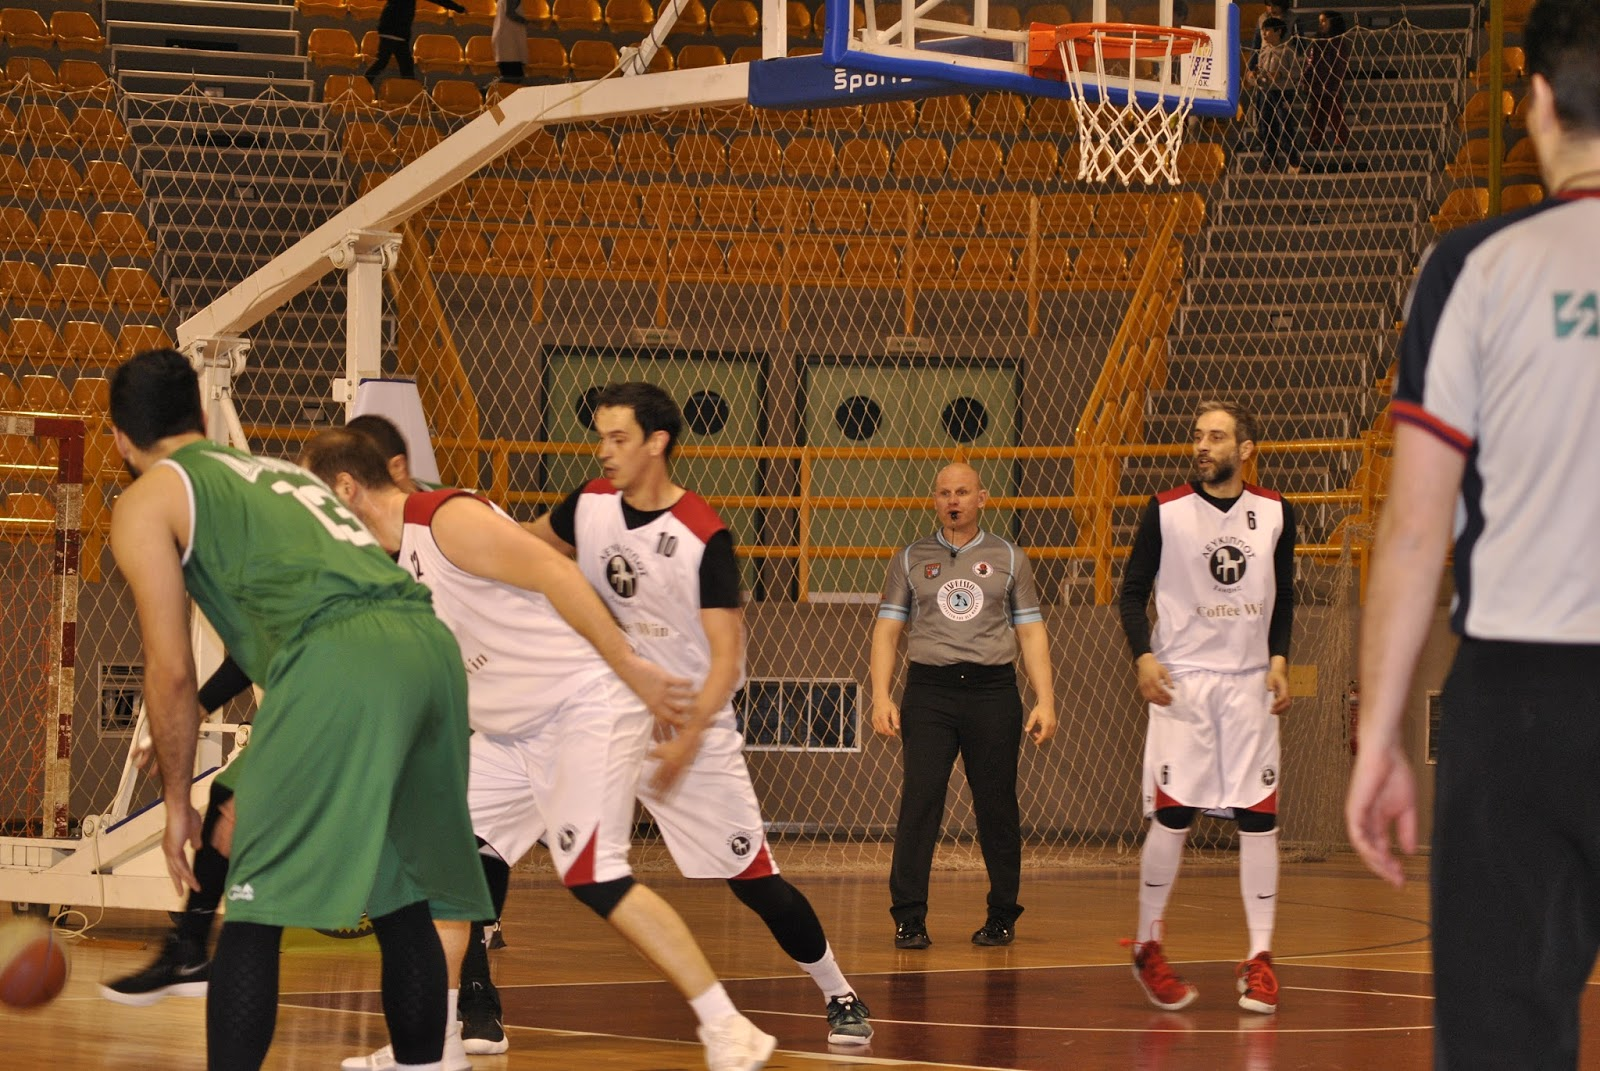 ΕΚΑΣΑΜΑΘ: Αποτελέσματα, βαθμολογία και  επόμενη αγωνιστική στο Πρωτάθλημα Ανδρών